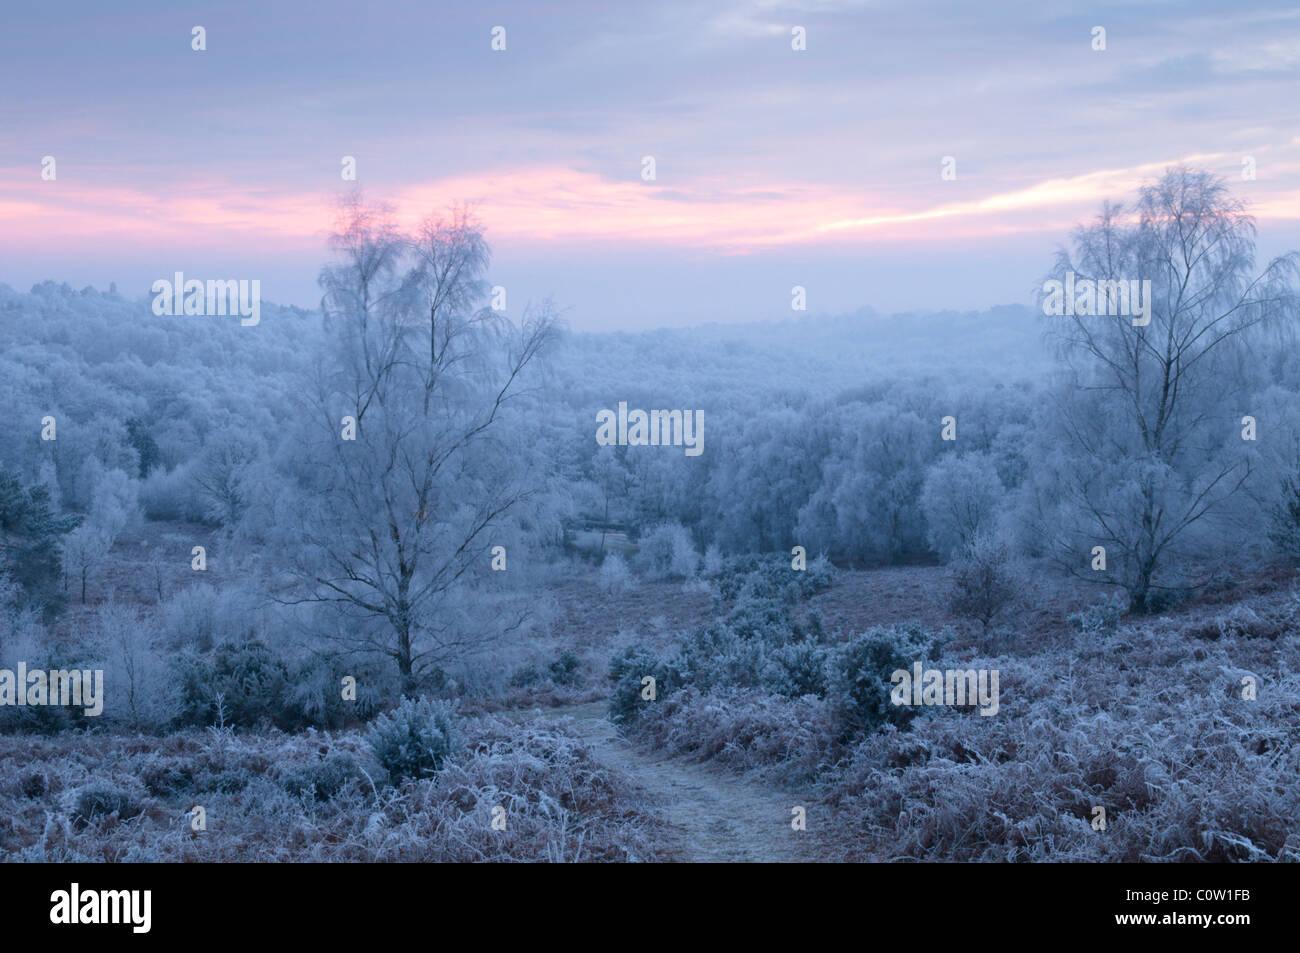 Ver medio más común woolbeding, West Sussex, Reino Unido. helada hoar. Enero. Sunset. Imagen De Stock